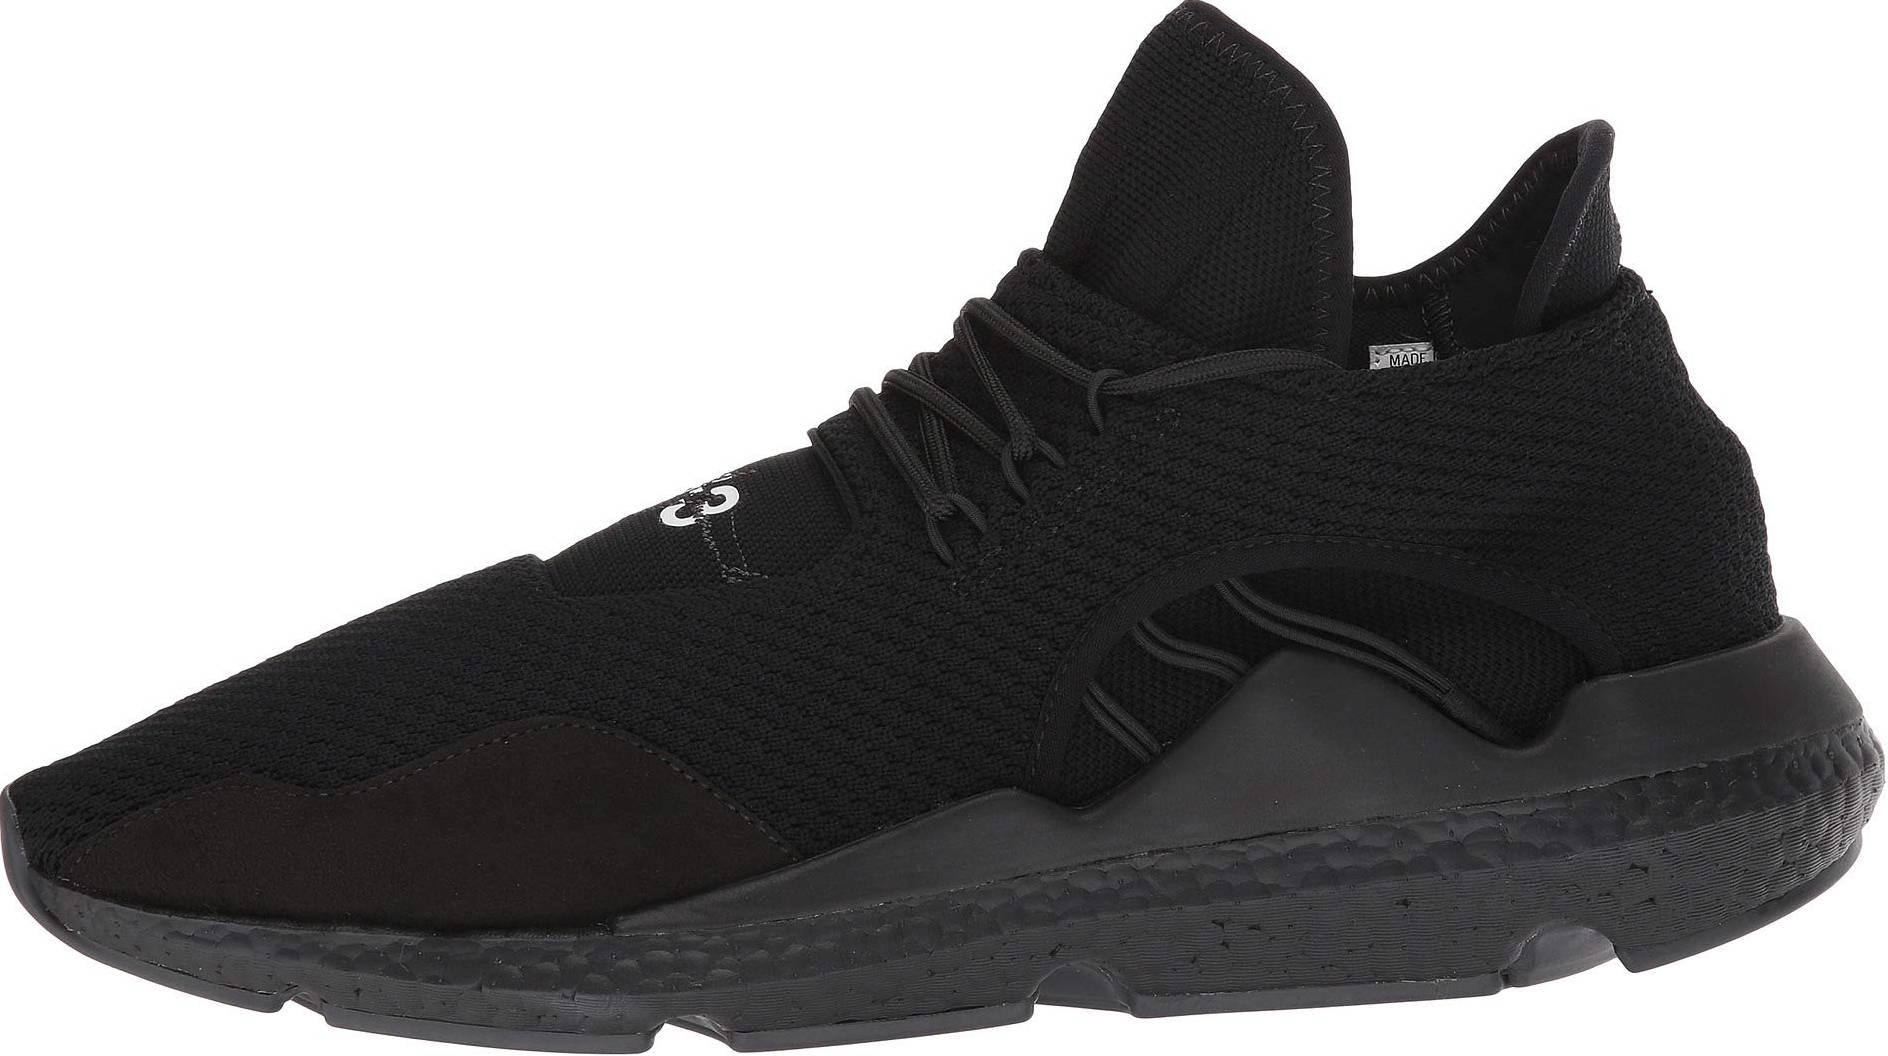 sneakers adidas y3